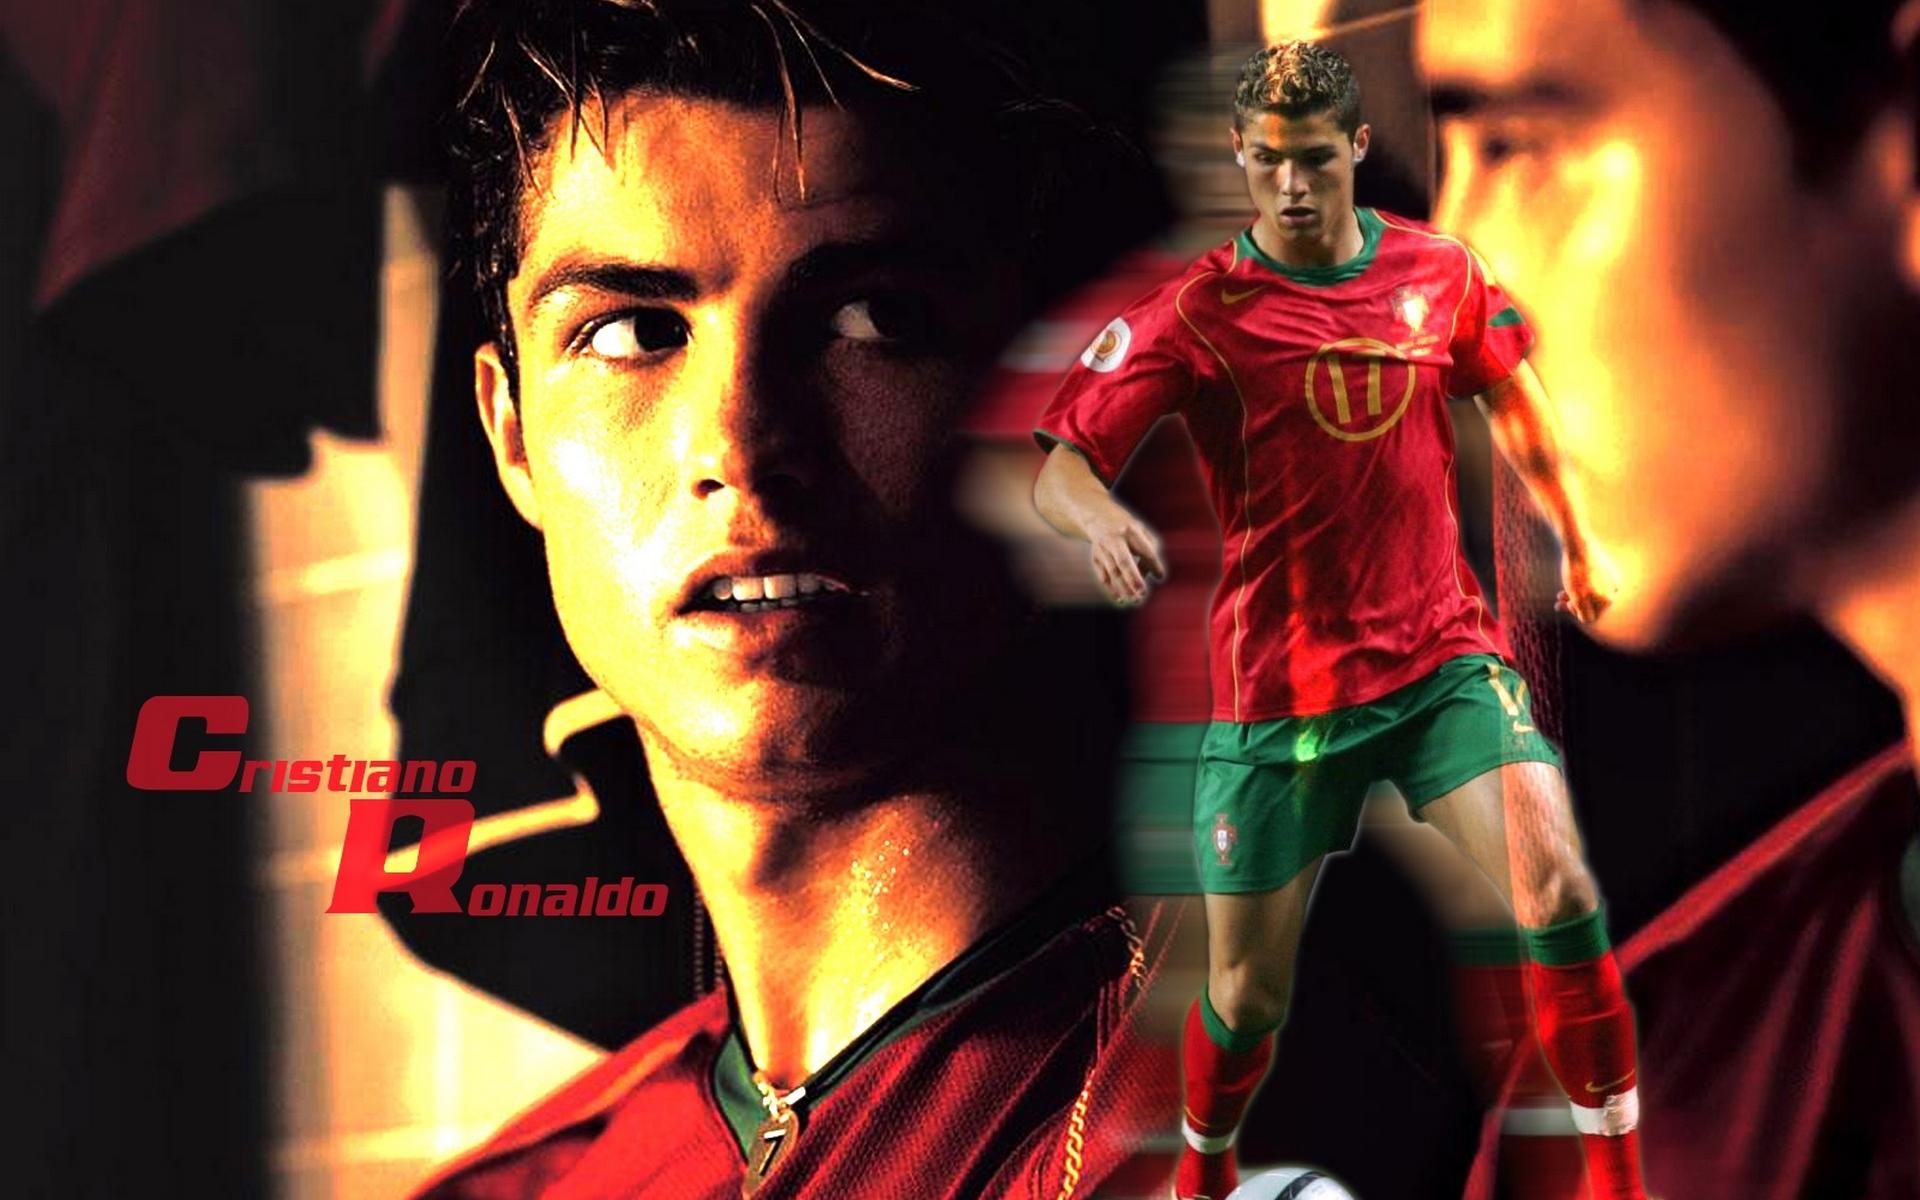 обои Криштиану Роналду, футболист, форма, надпись картинки фото